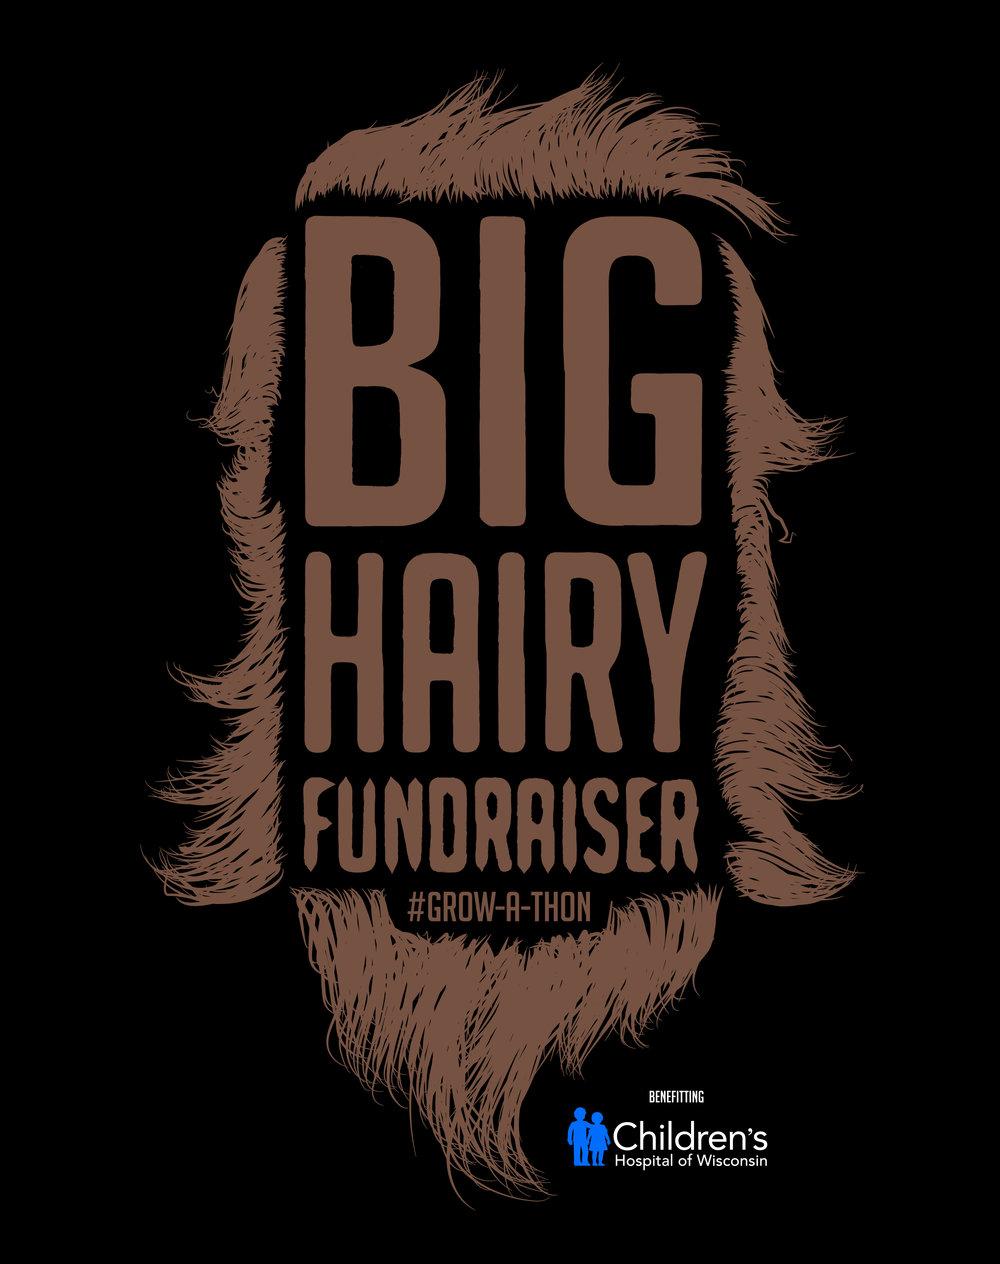 BigHairyFundraiserLogo_HIRES.jpg